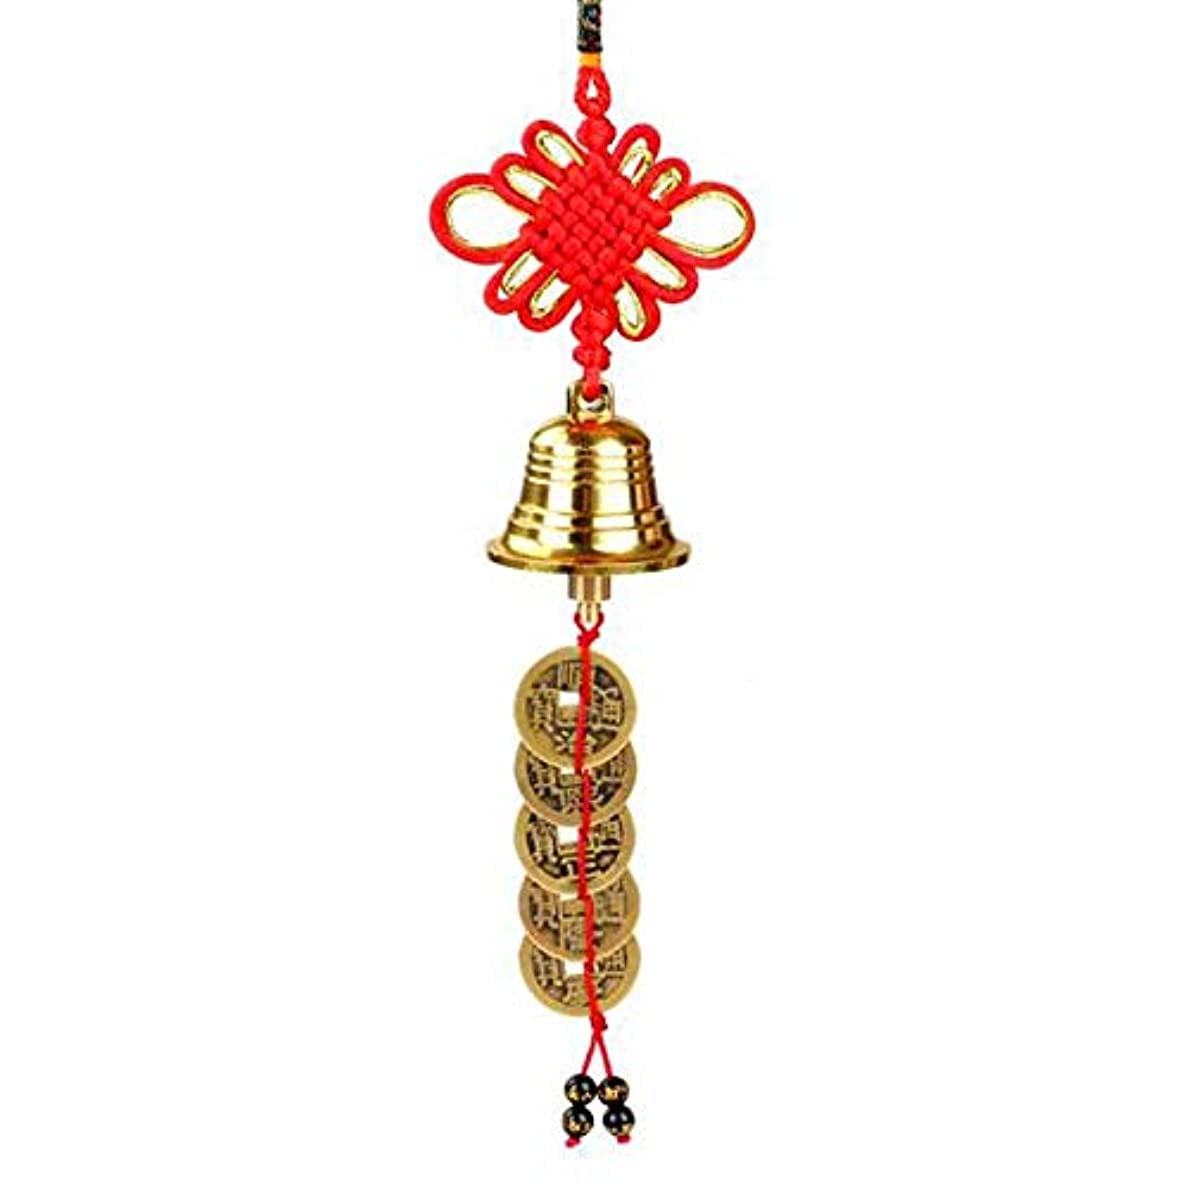 地殻ソート限りなくAishanghuayi 風チャイム、中国のノット銅ベルホームデコレーション、ゴールド、サイズ28センチメートル,ファッションオーナメント (Size : 28*3.8cm)